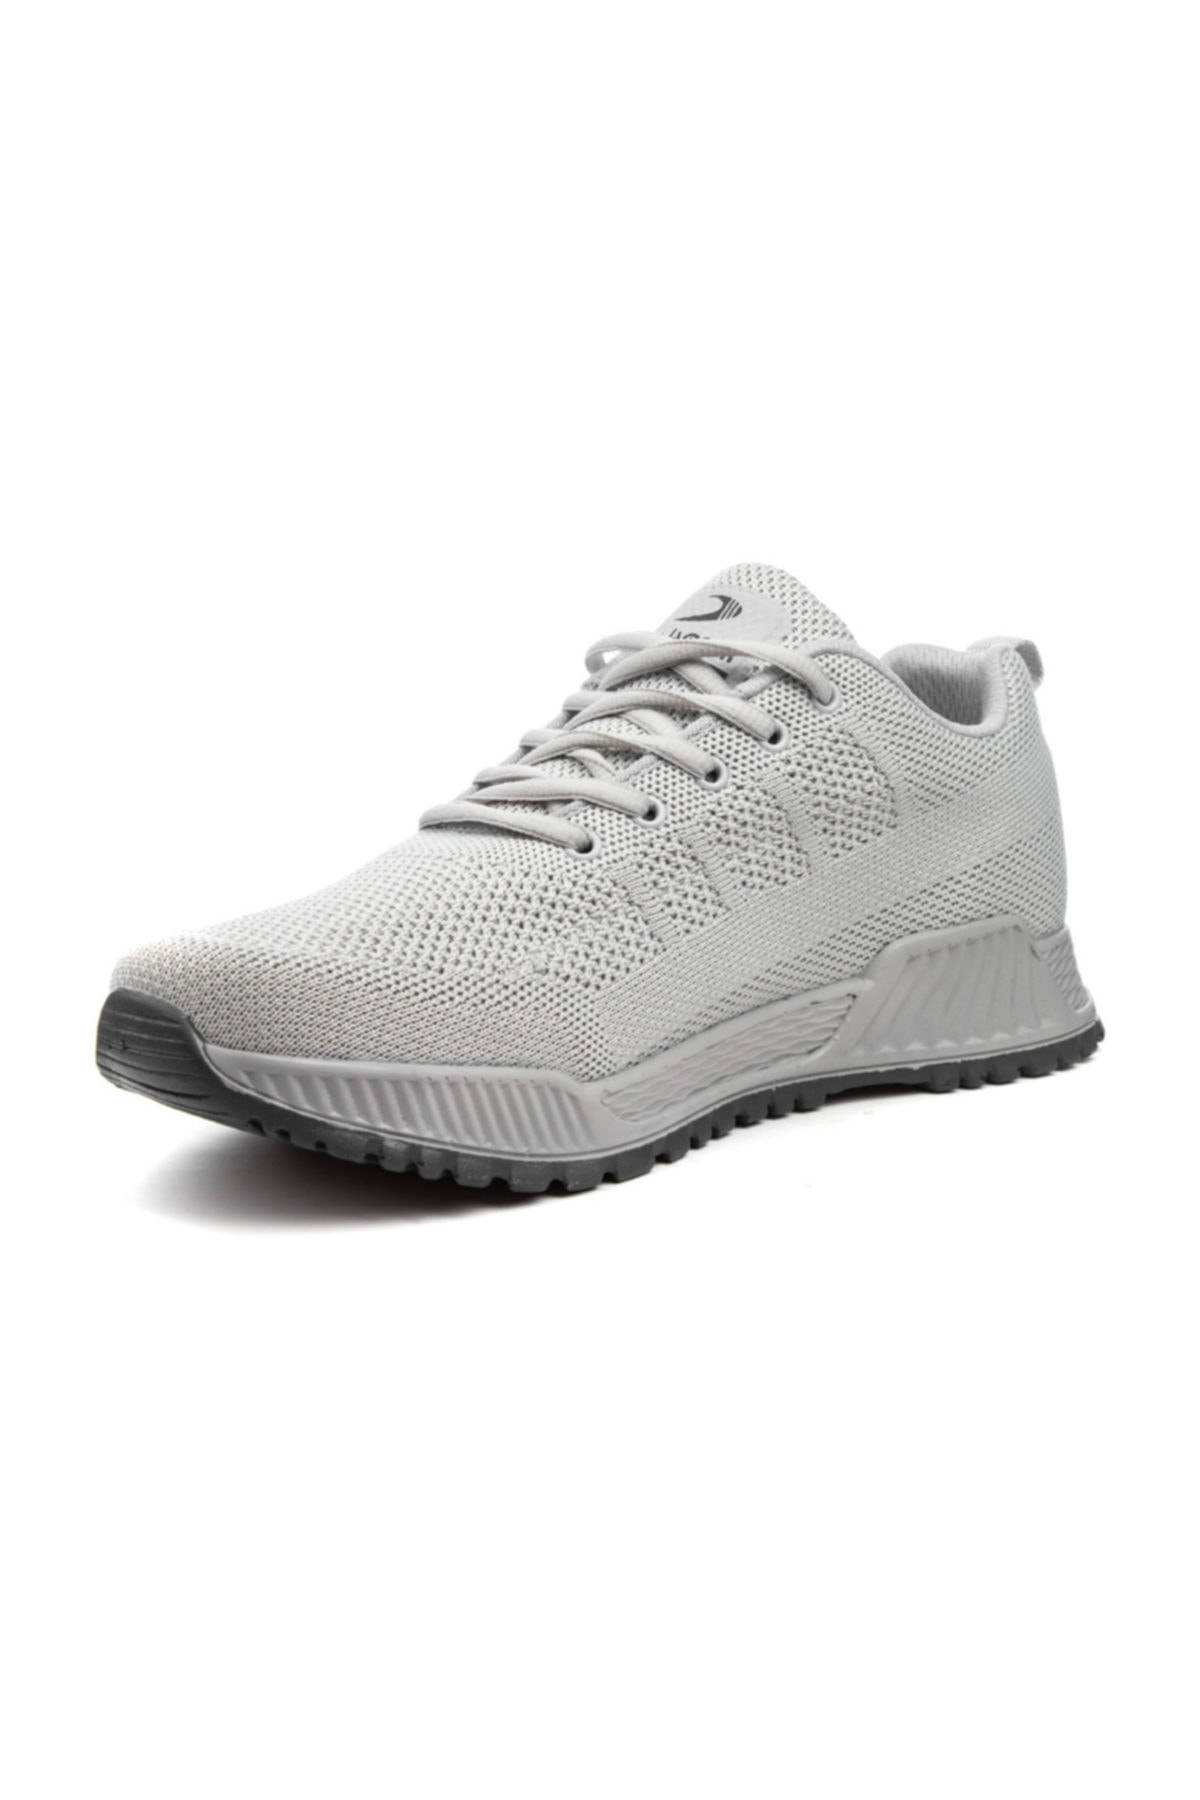 Marco Jamper Erkek Günlük Yürüyüş Ayakkabısı Yeni Sezon Ortopedik Taban 2